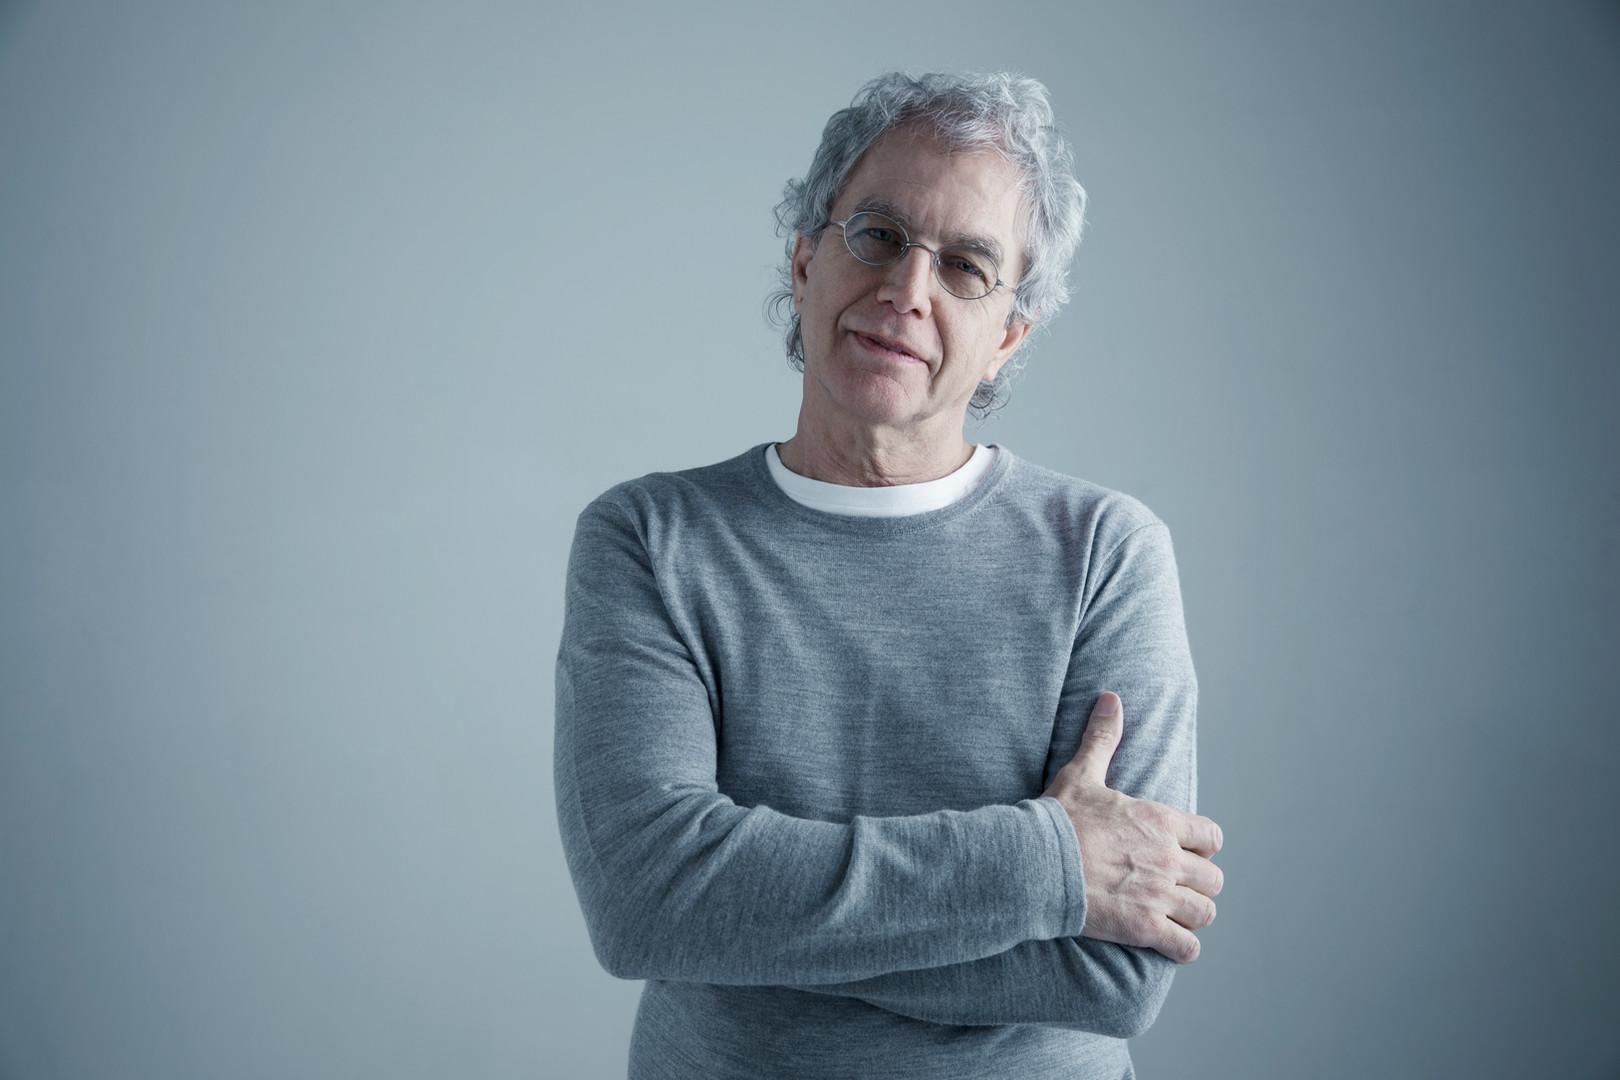 Älterer Mann Porträt